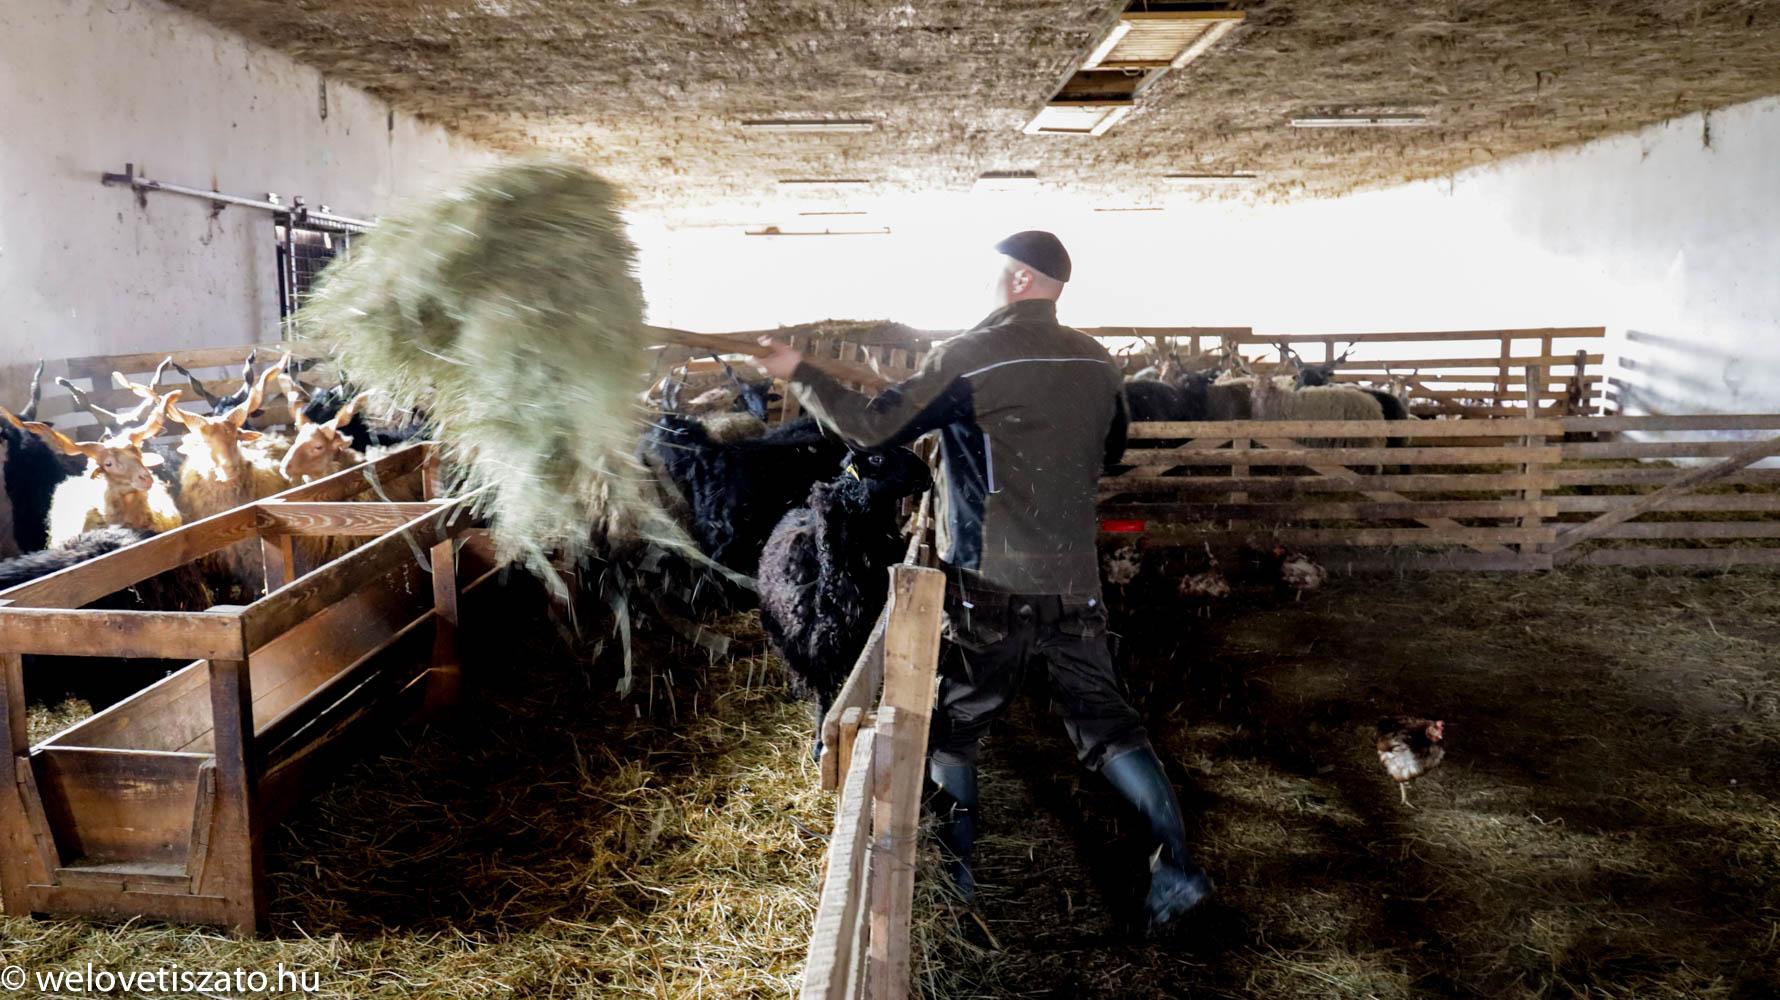 a racka kosok az anyajuhoktól és bárányoktól távol